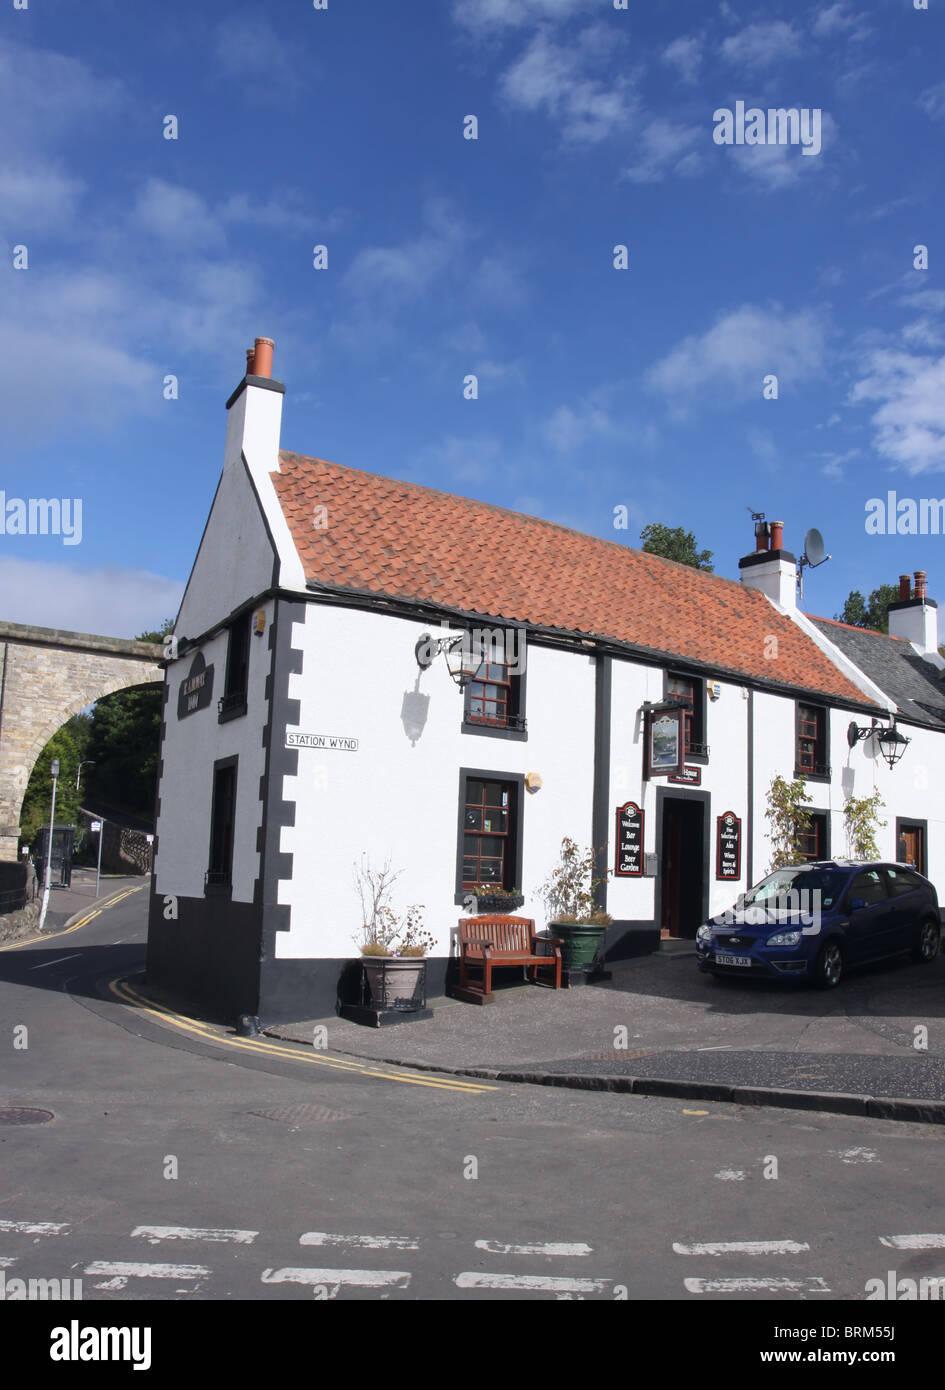 exterior of Railway Inn Lower Largo Fife Scotland  September 2010 - Stock Image